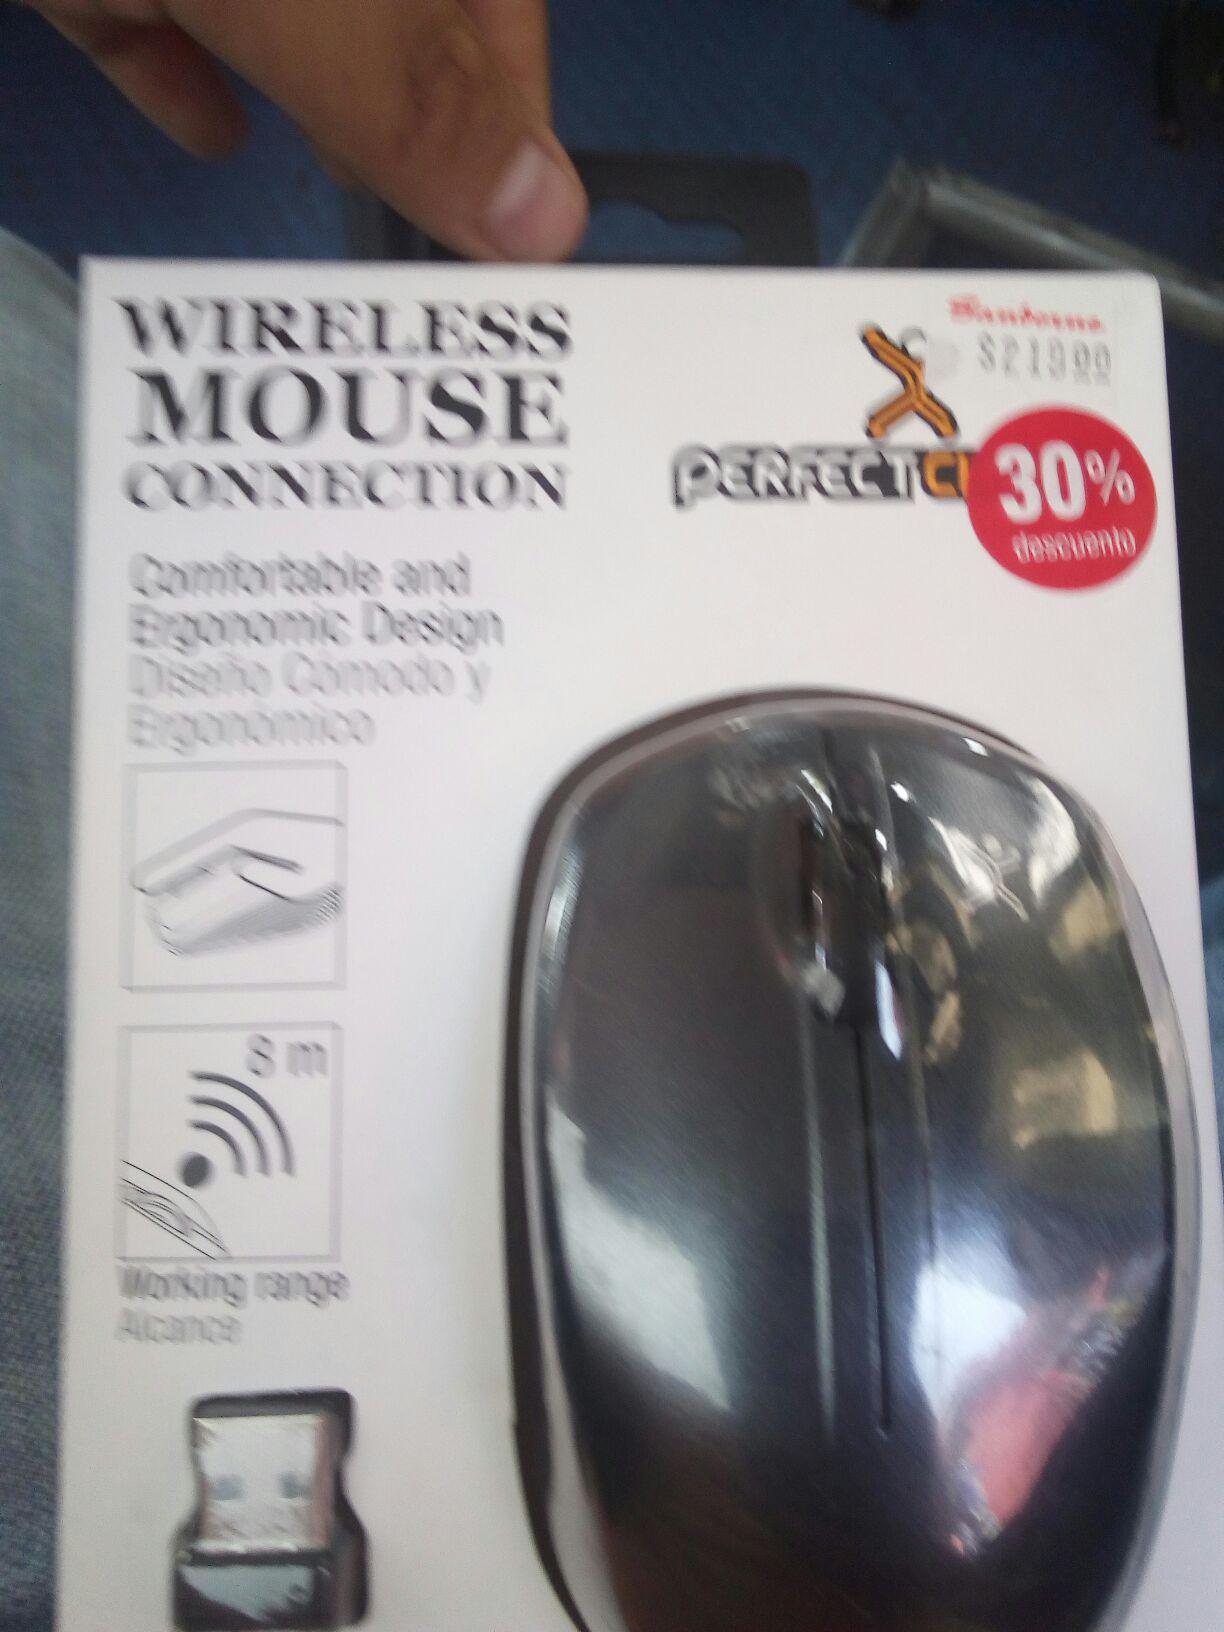 Sanborns: Mouse inalámbrico Perfect Choise 30% de descuento